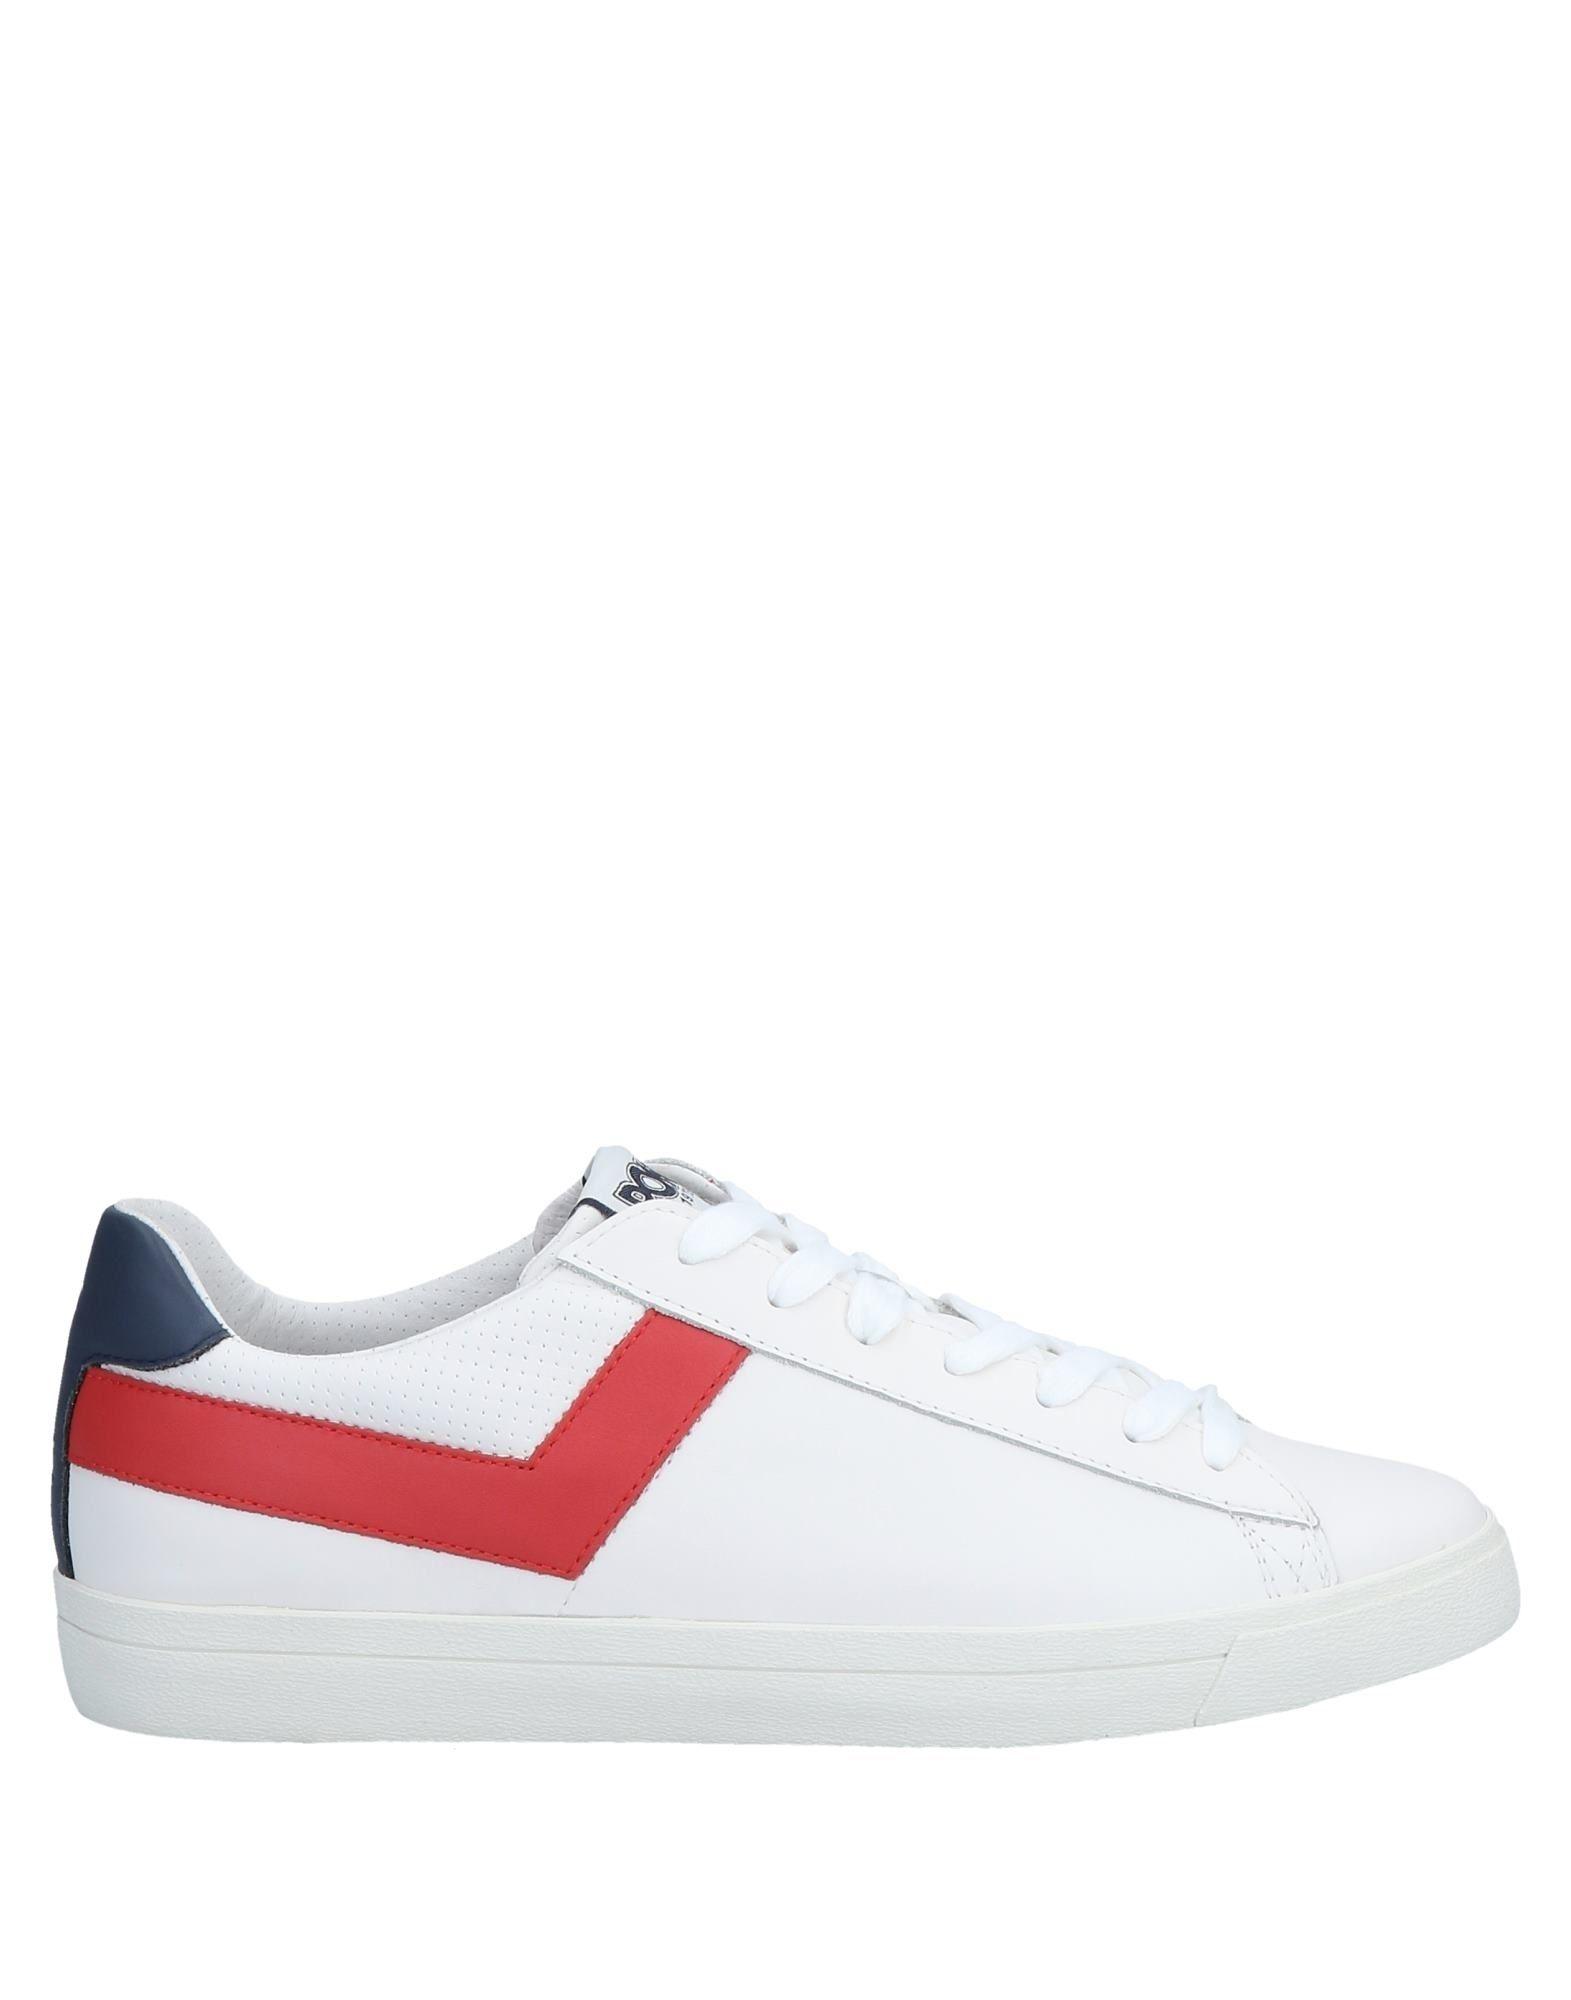 《送料無料》PONY メンズ スニーカー&テニスシューズ(ローカット) ホワイト 42 革